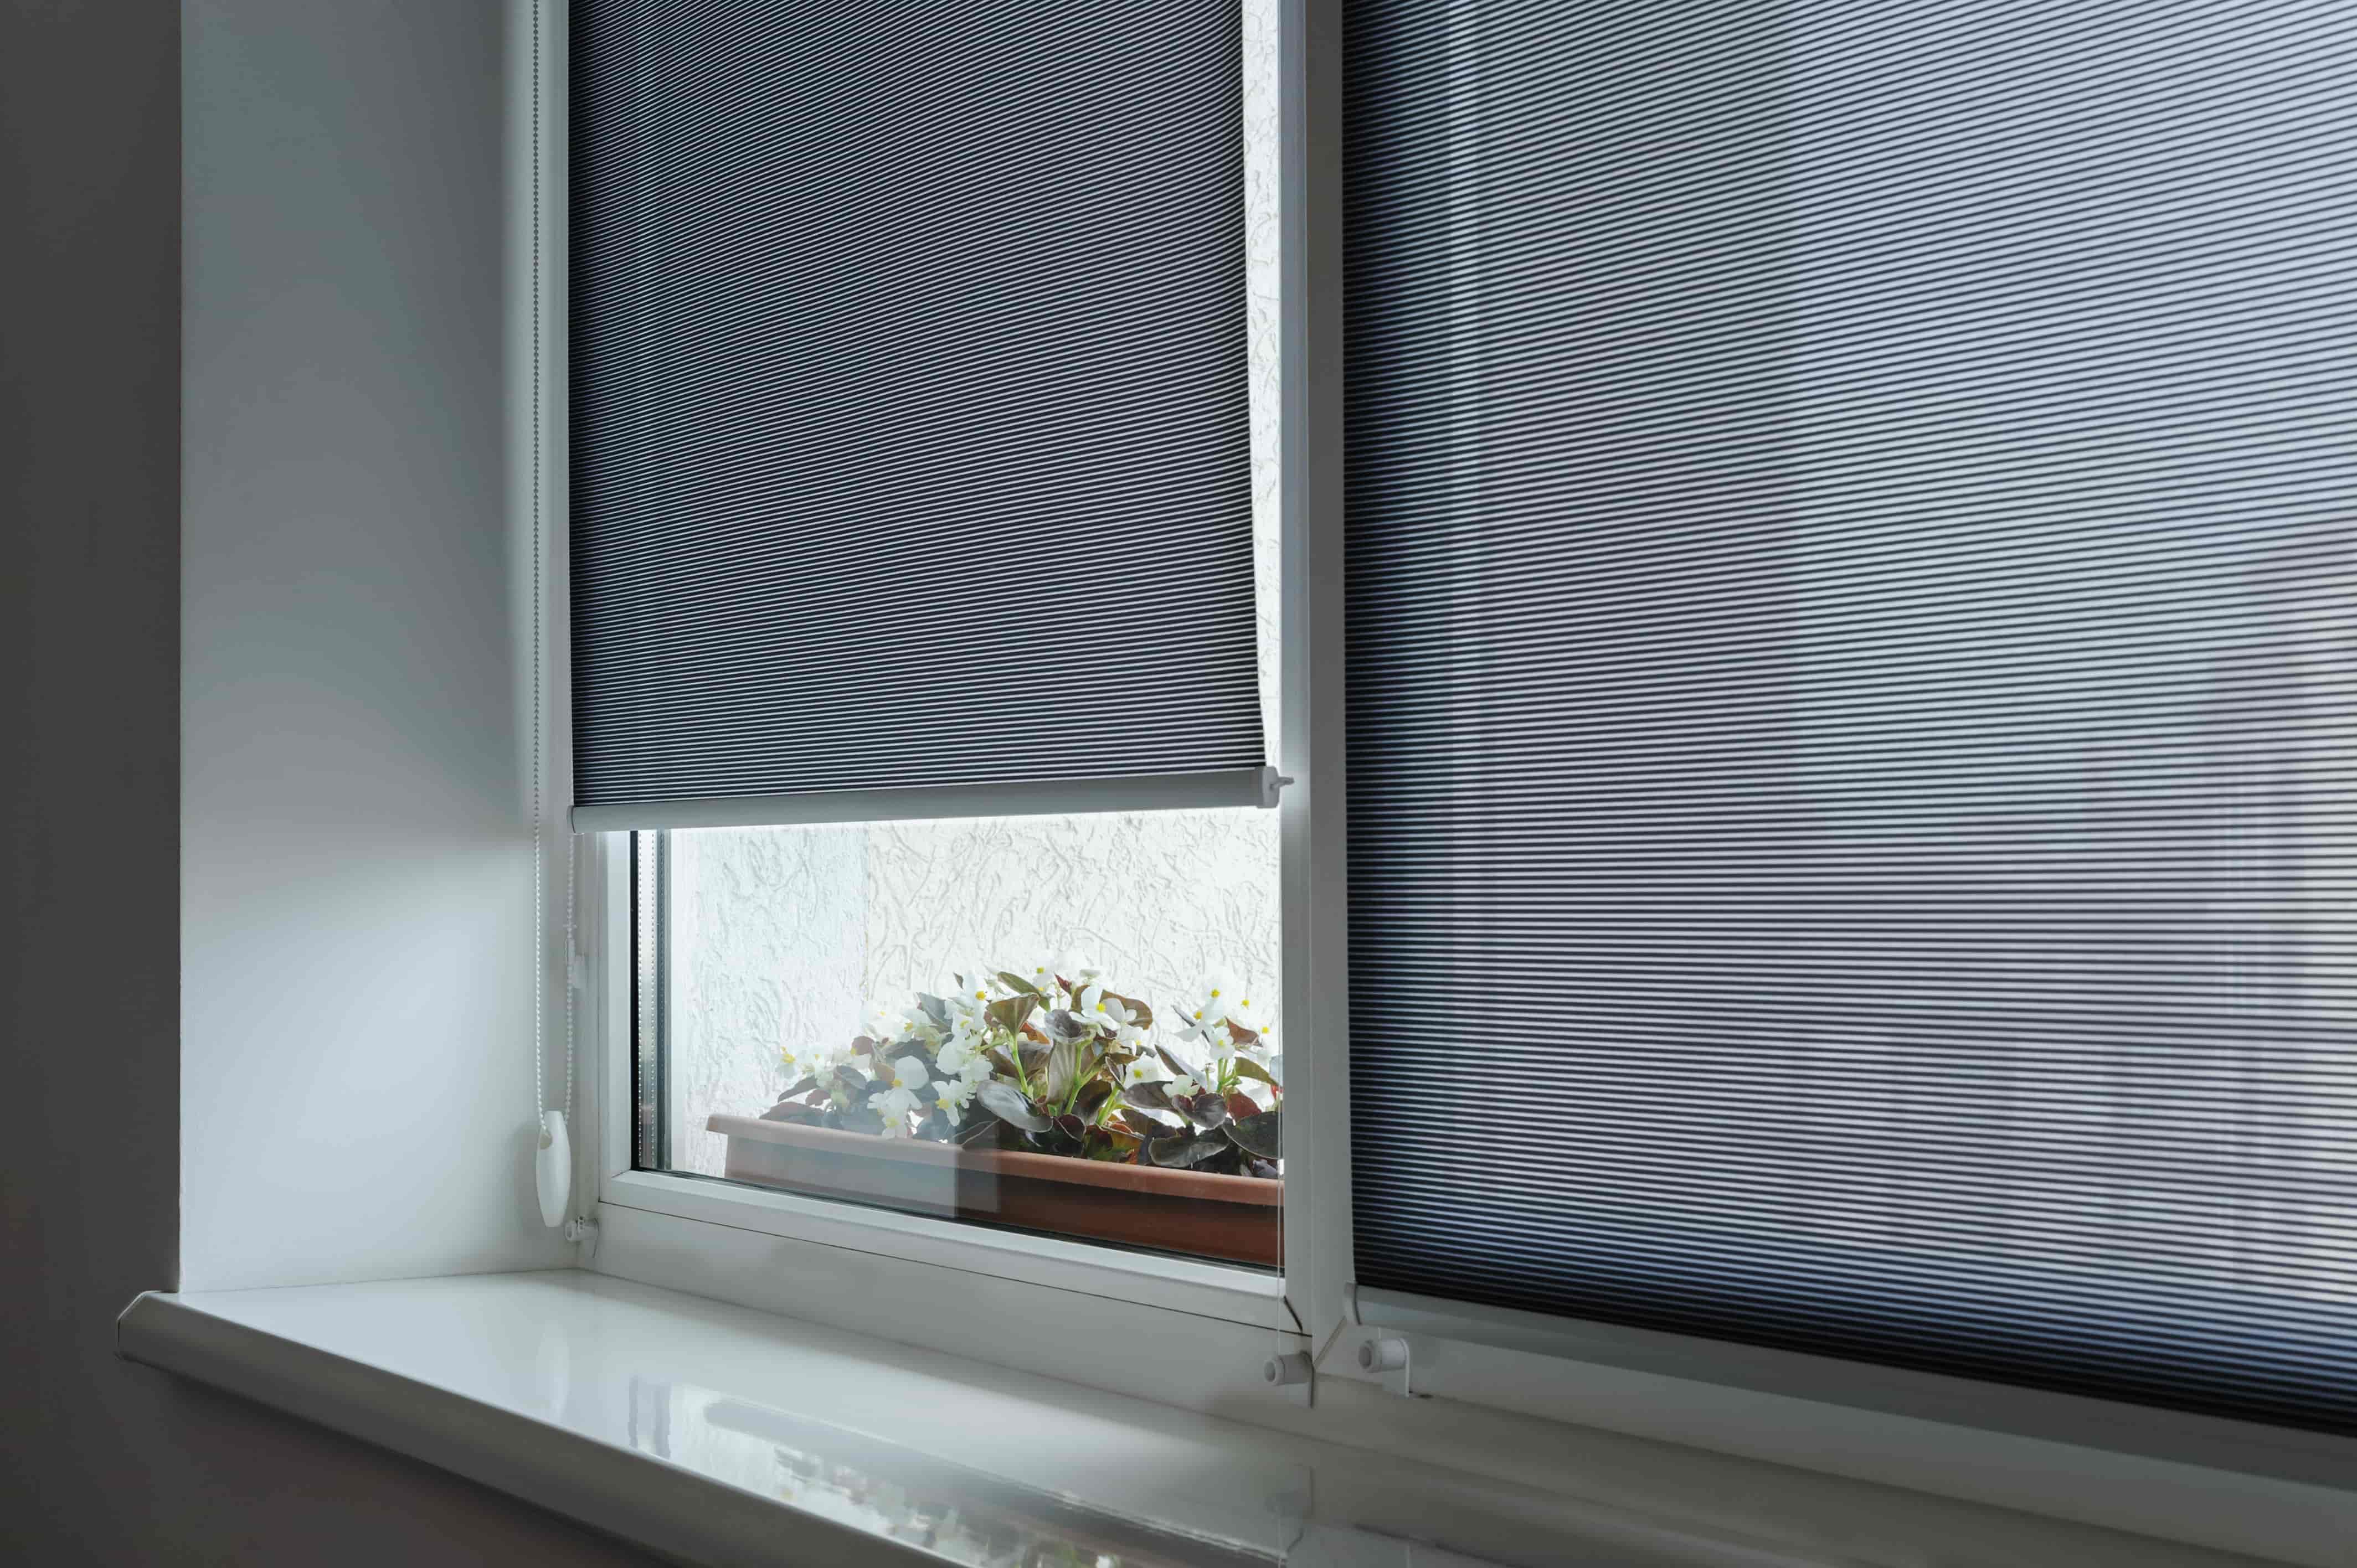 Półprzezroczyste rolety wewnętrzne w pokoju mieszkania.